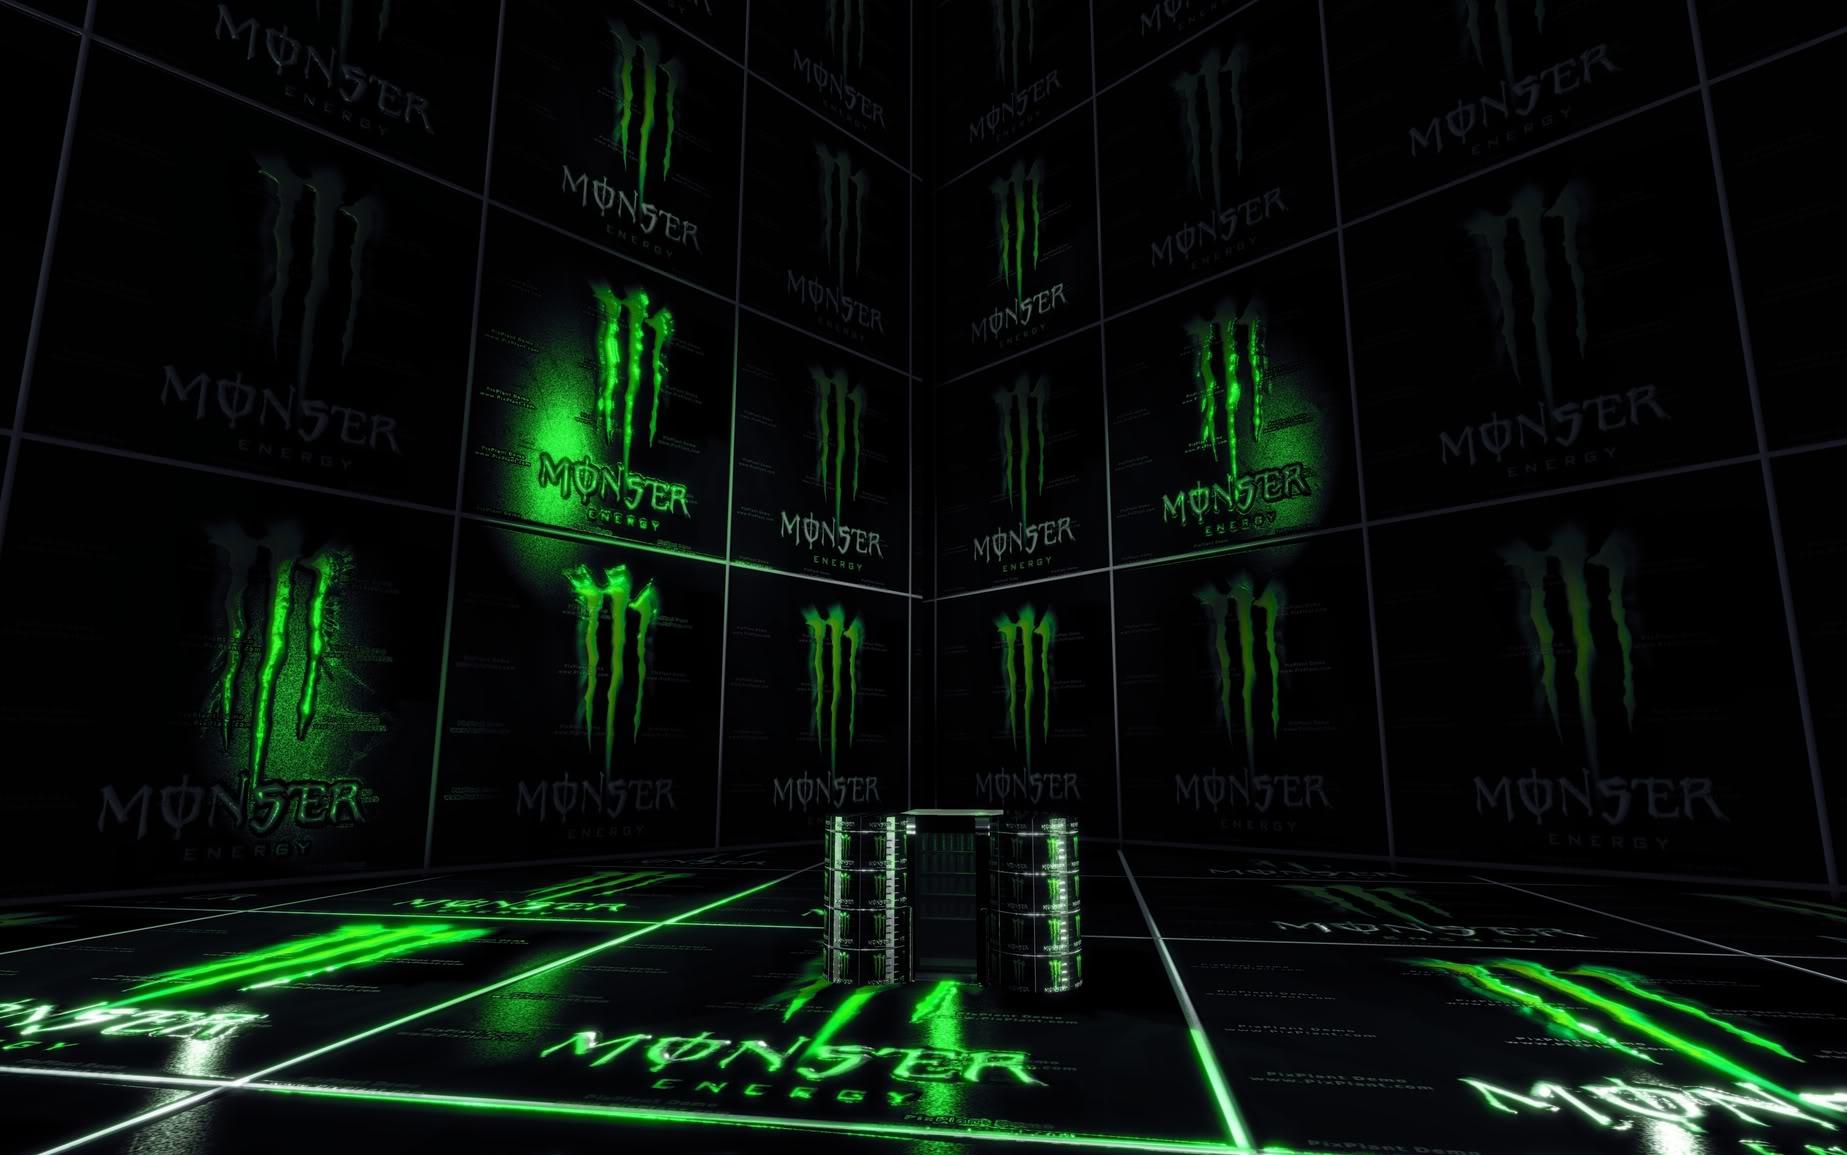 monster energy logo wallpaper monster energy logo wallpaper 1847x1155